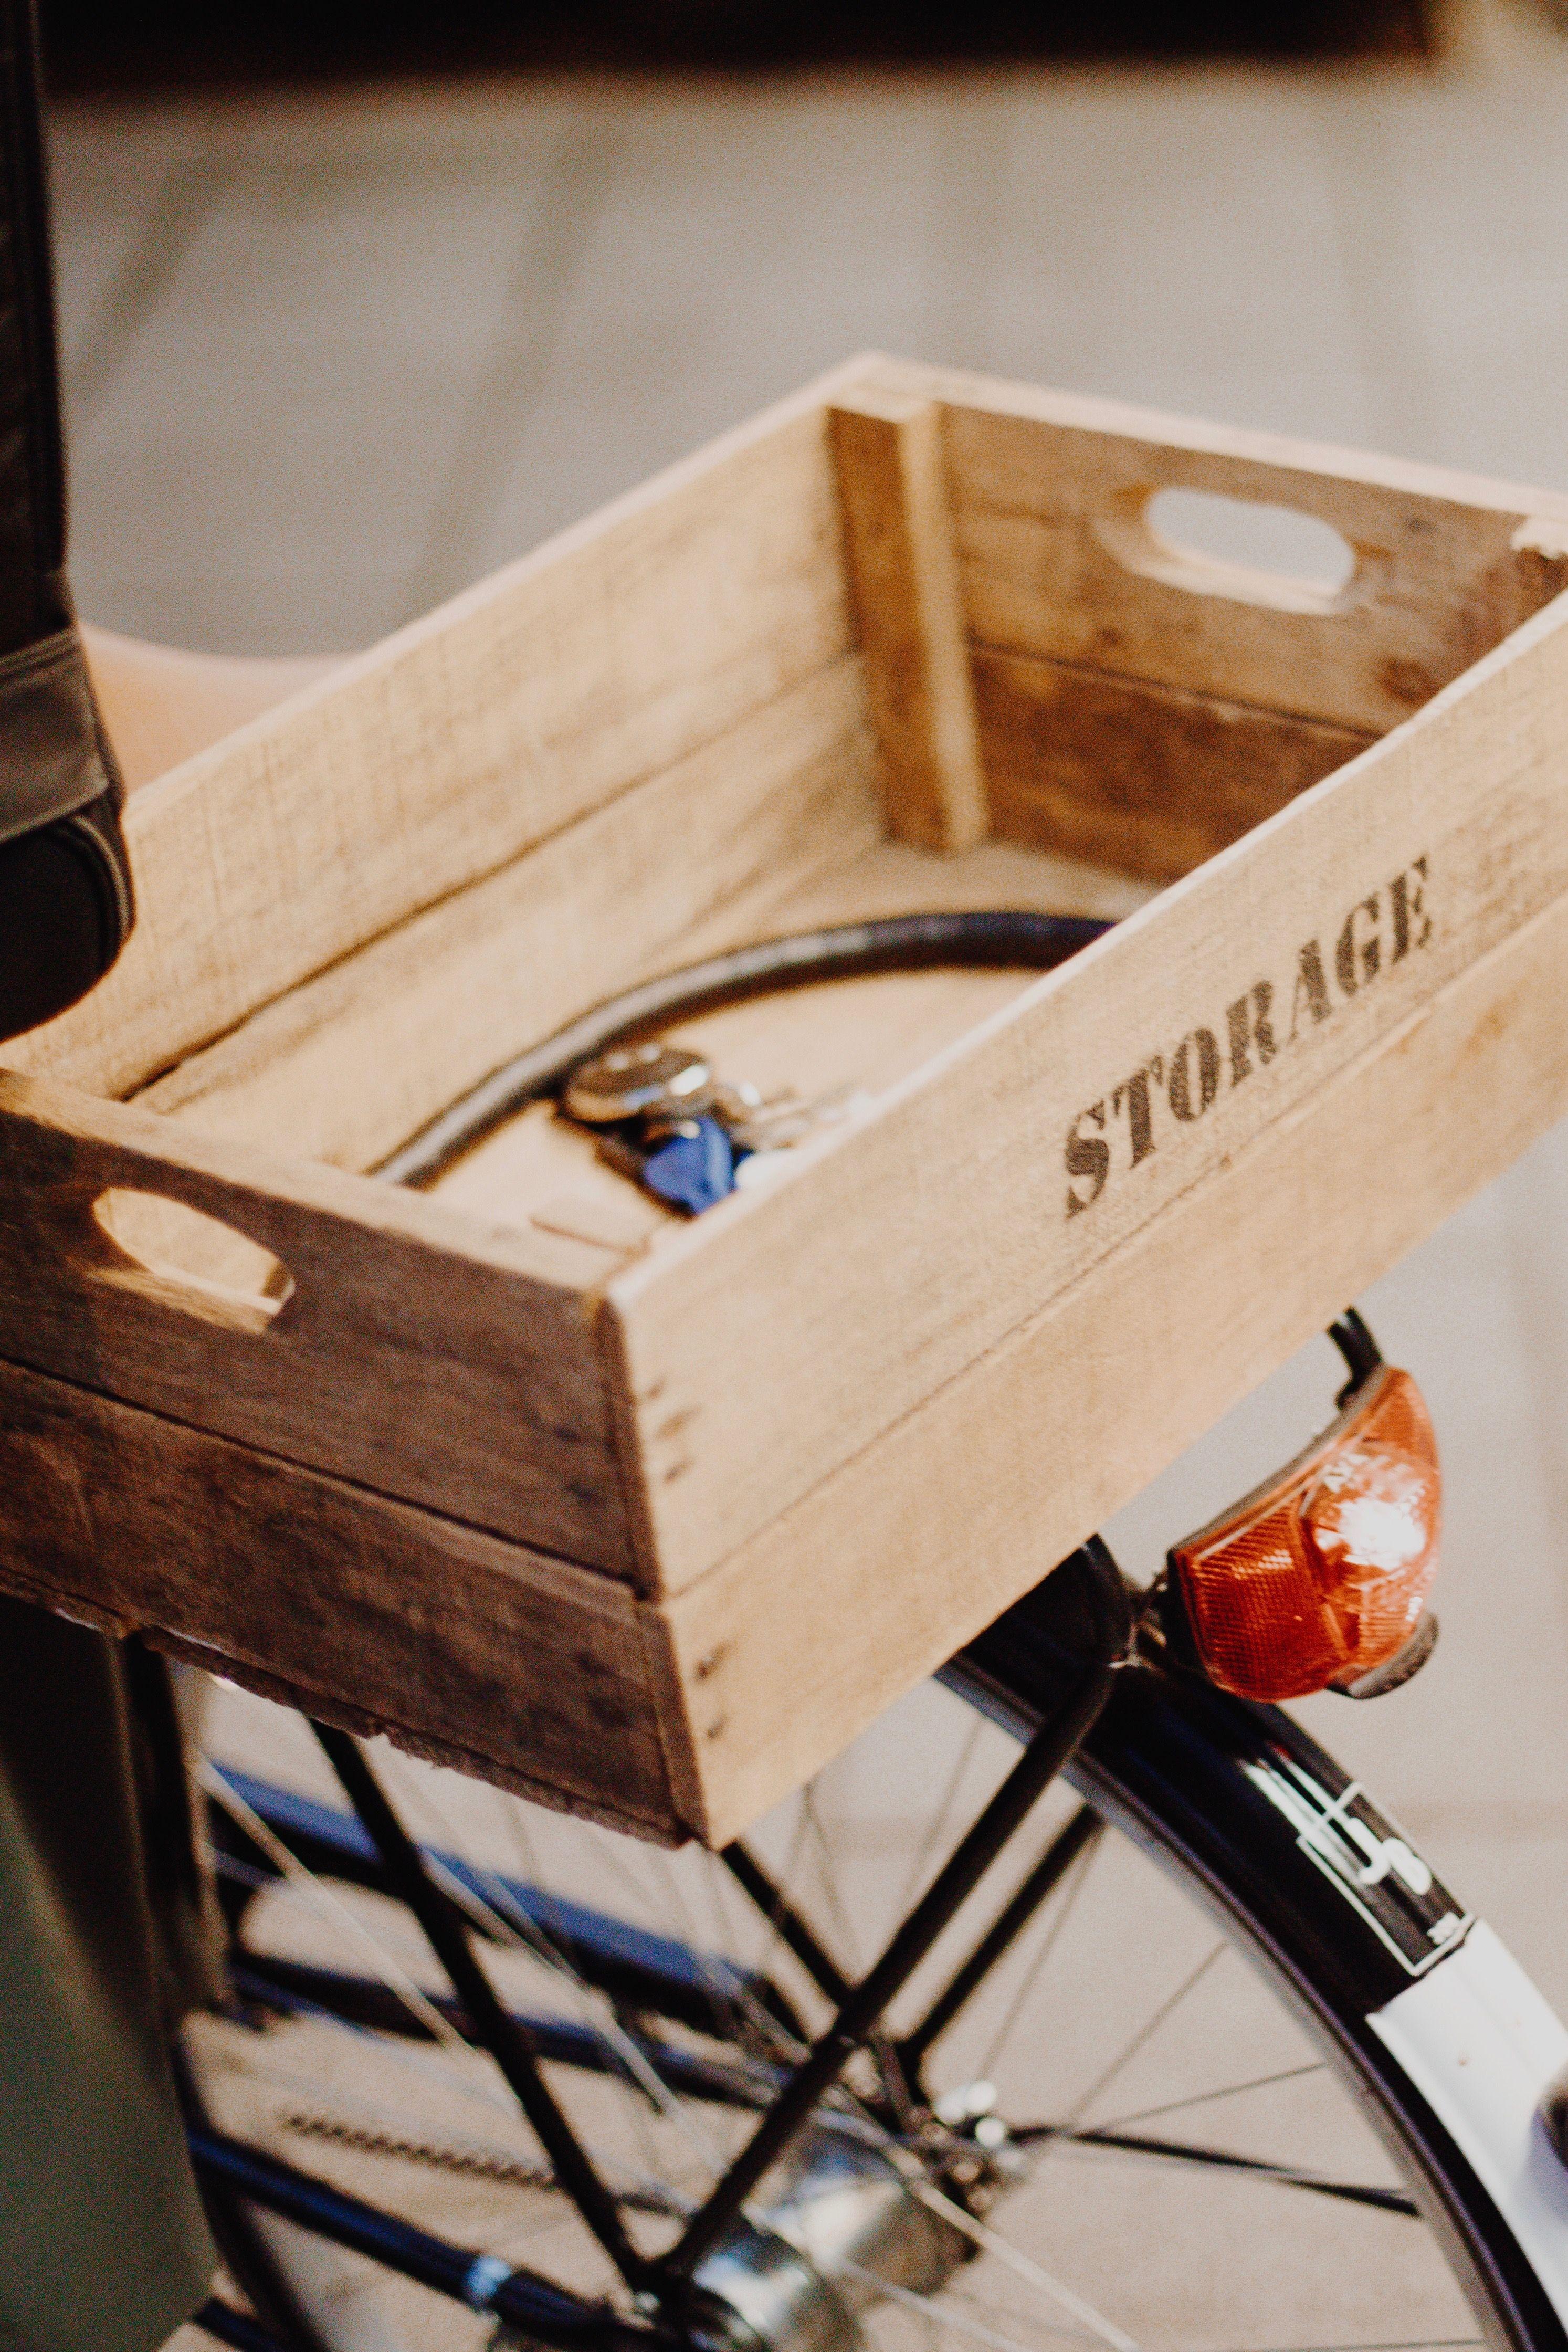 Die Stylische Alternative Zum Fahrradkorb Einfach Eine Kleine Holzkiste Auf Dem Gepacktrager Oder Am Lenker Montieren Und Schon Fahrradkorb Holzkisten Fahrrad